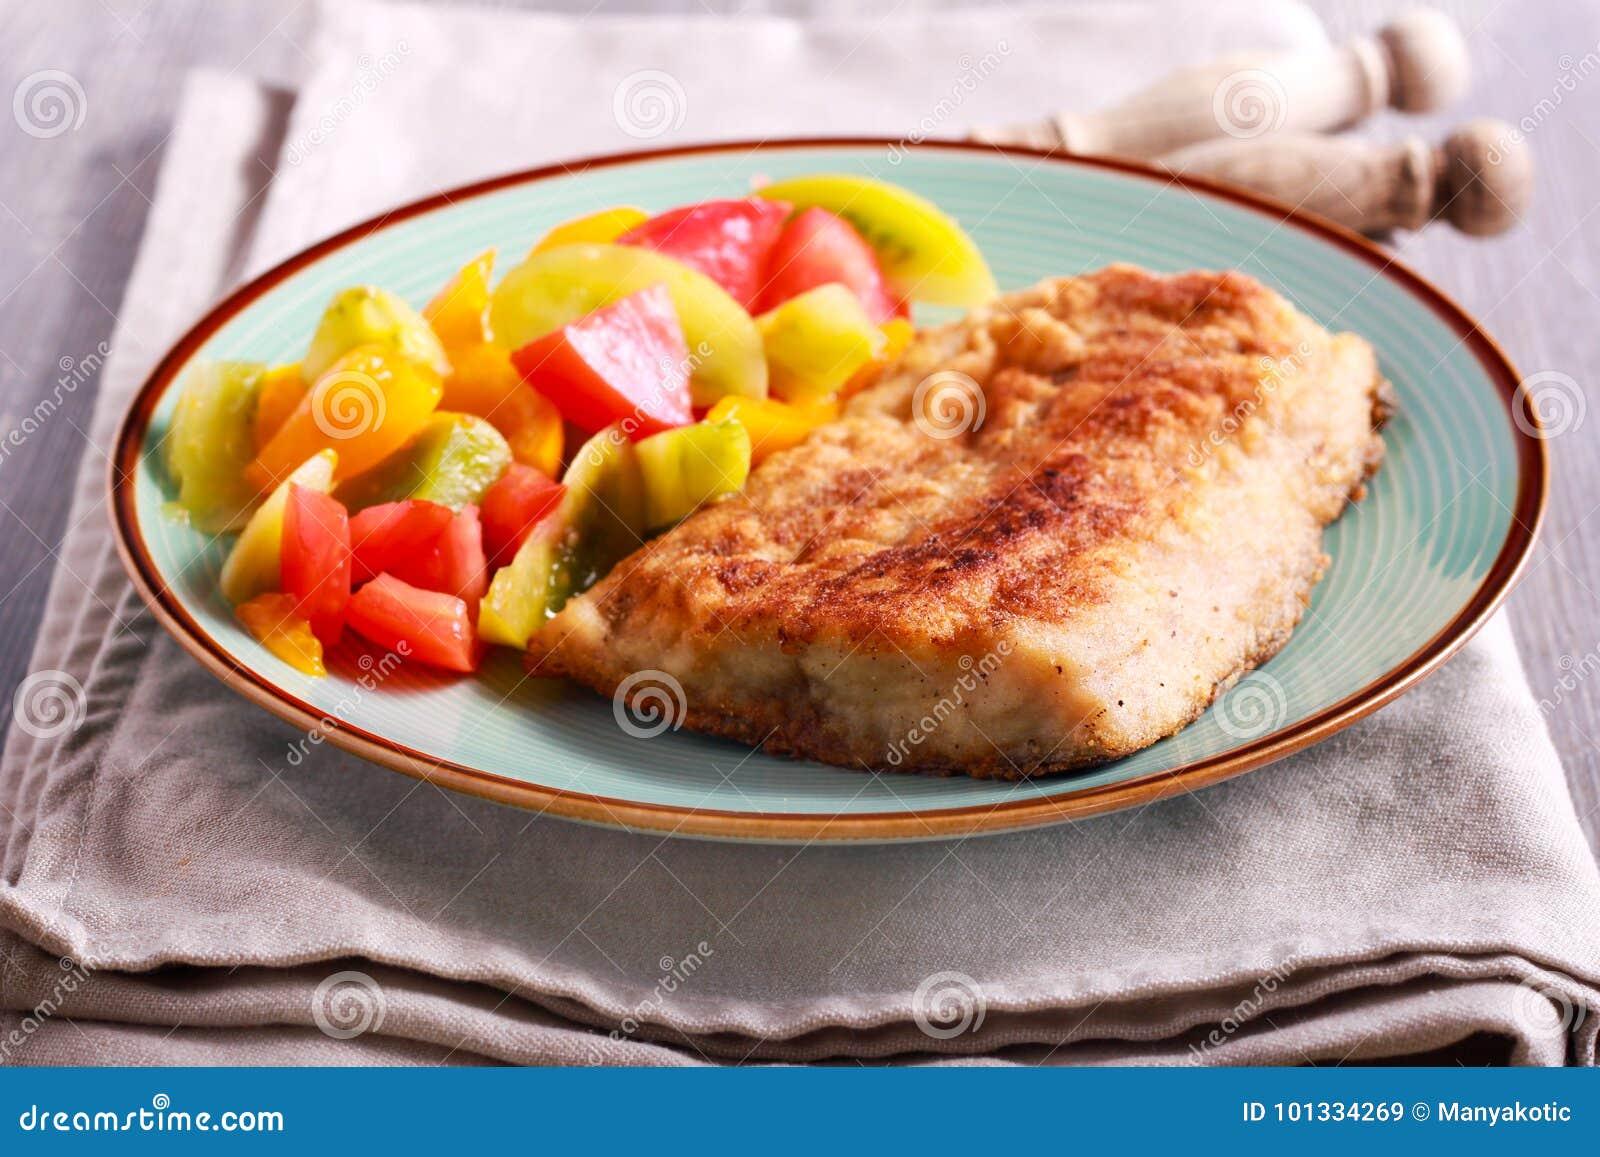 Stekt karpfisk och sallad åt sidan